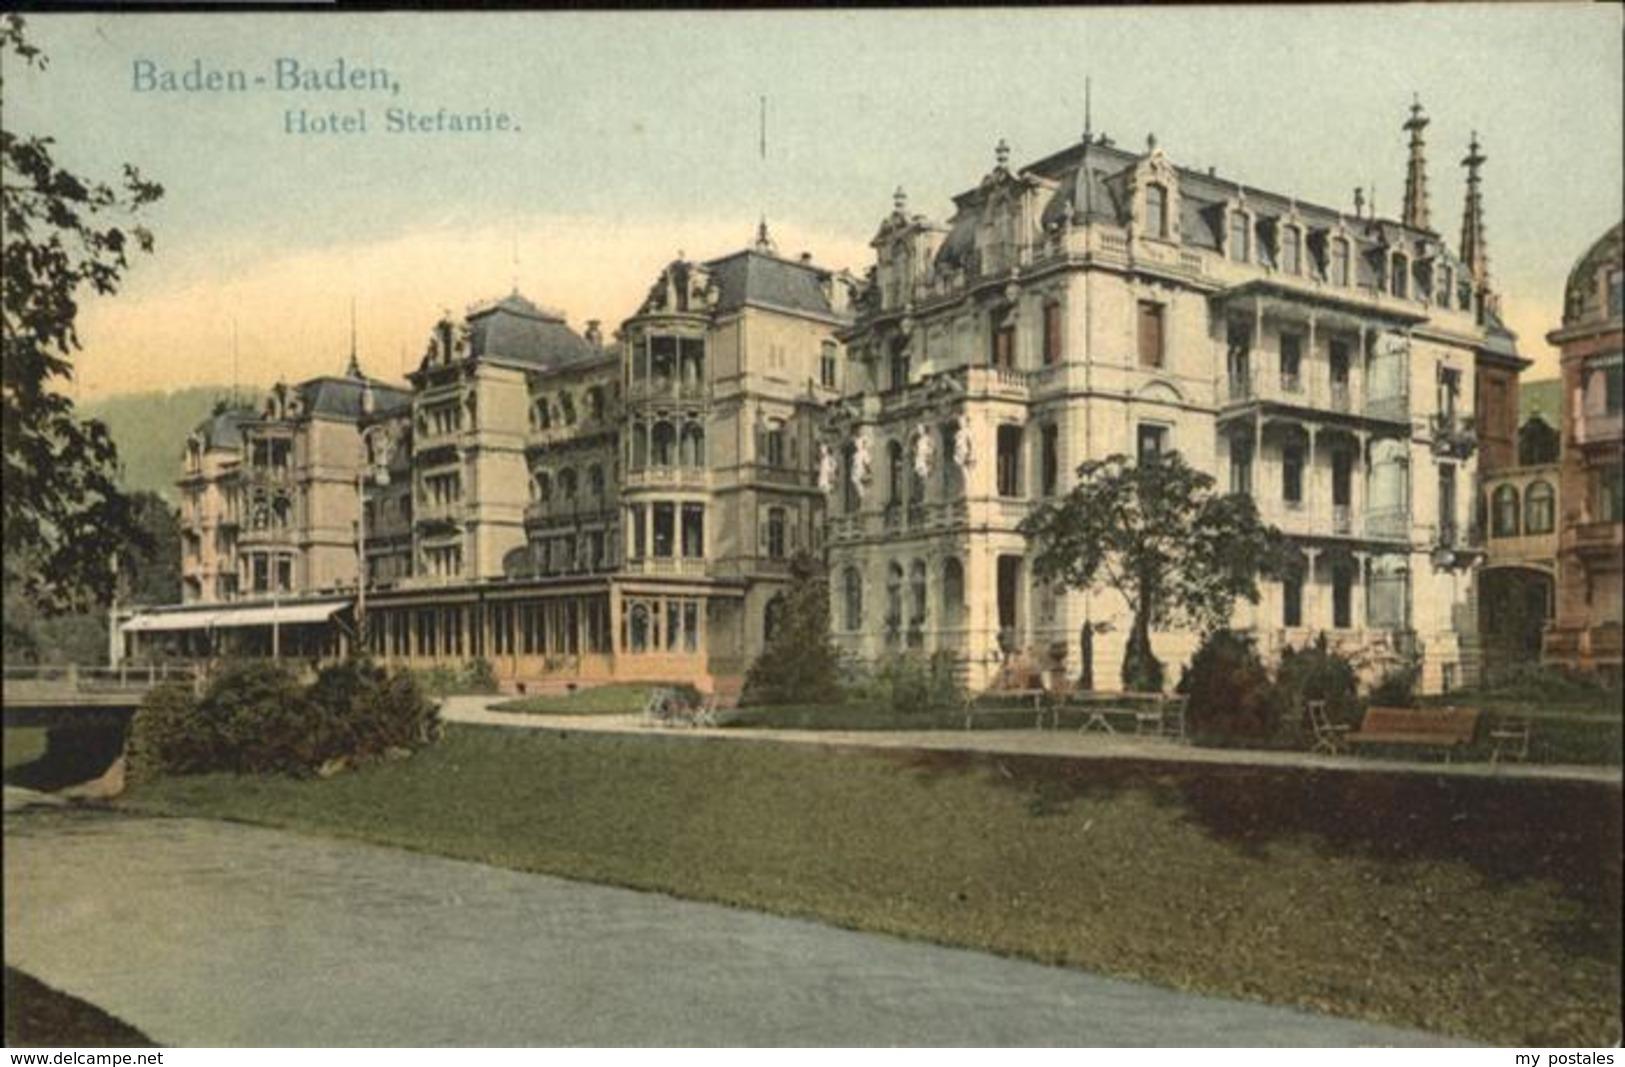 41041759 Baden-Baden Hotel Stefanie Baden-Baden - Deutschland